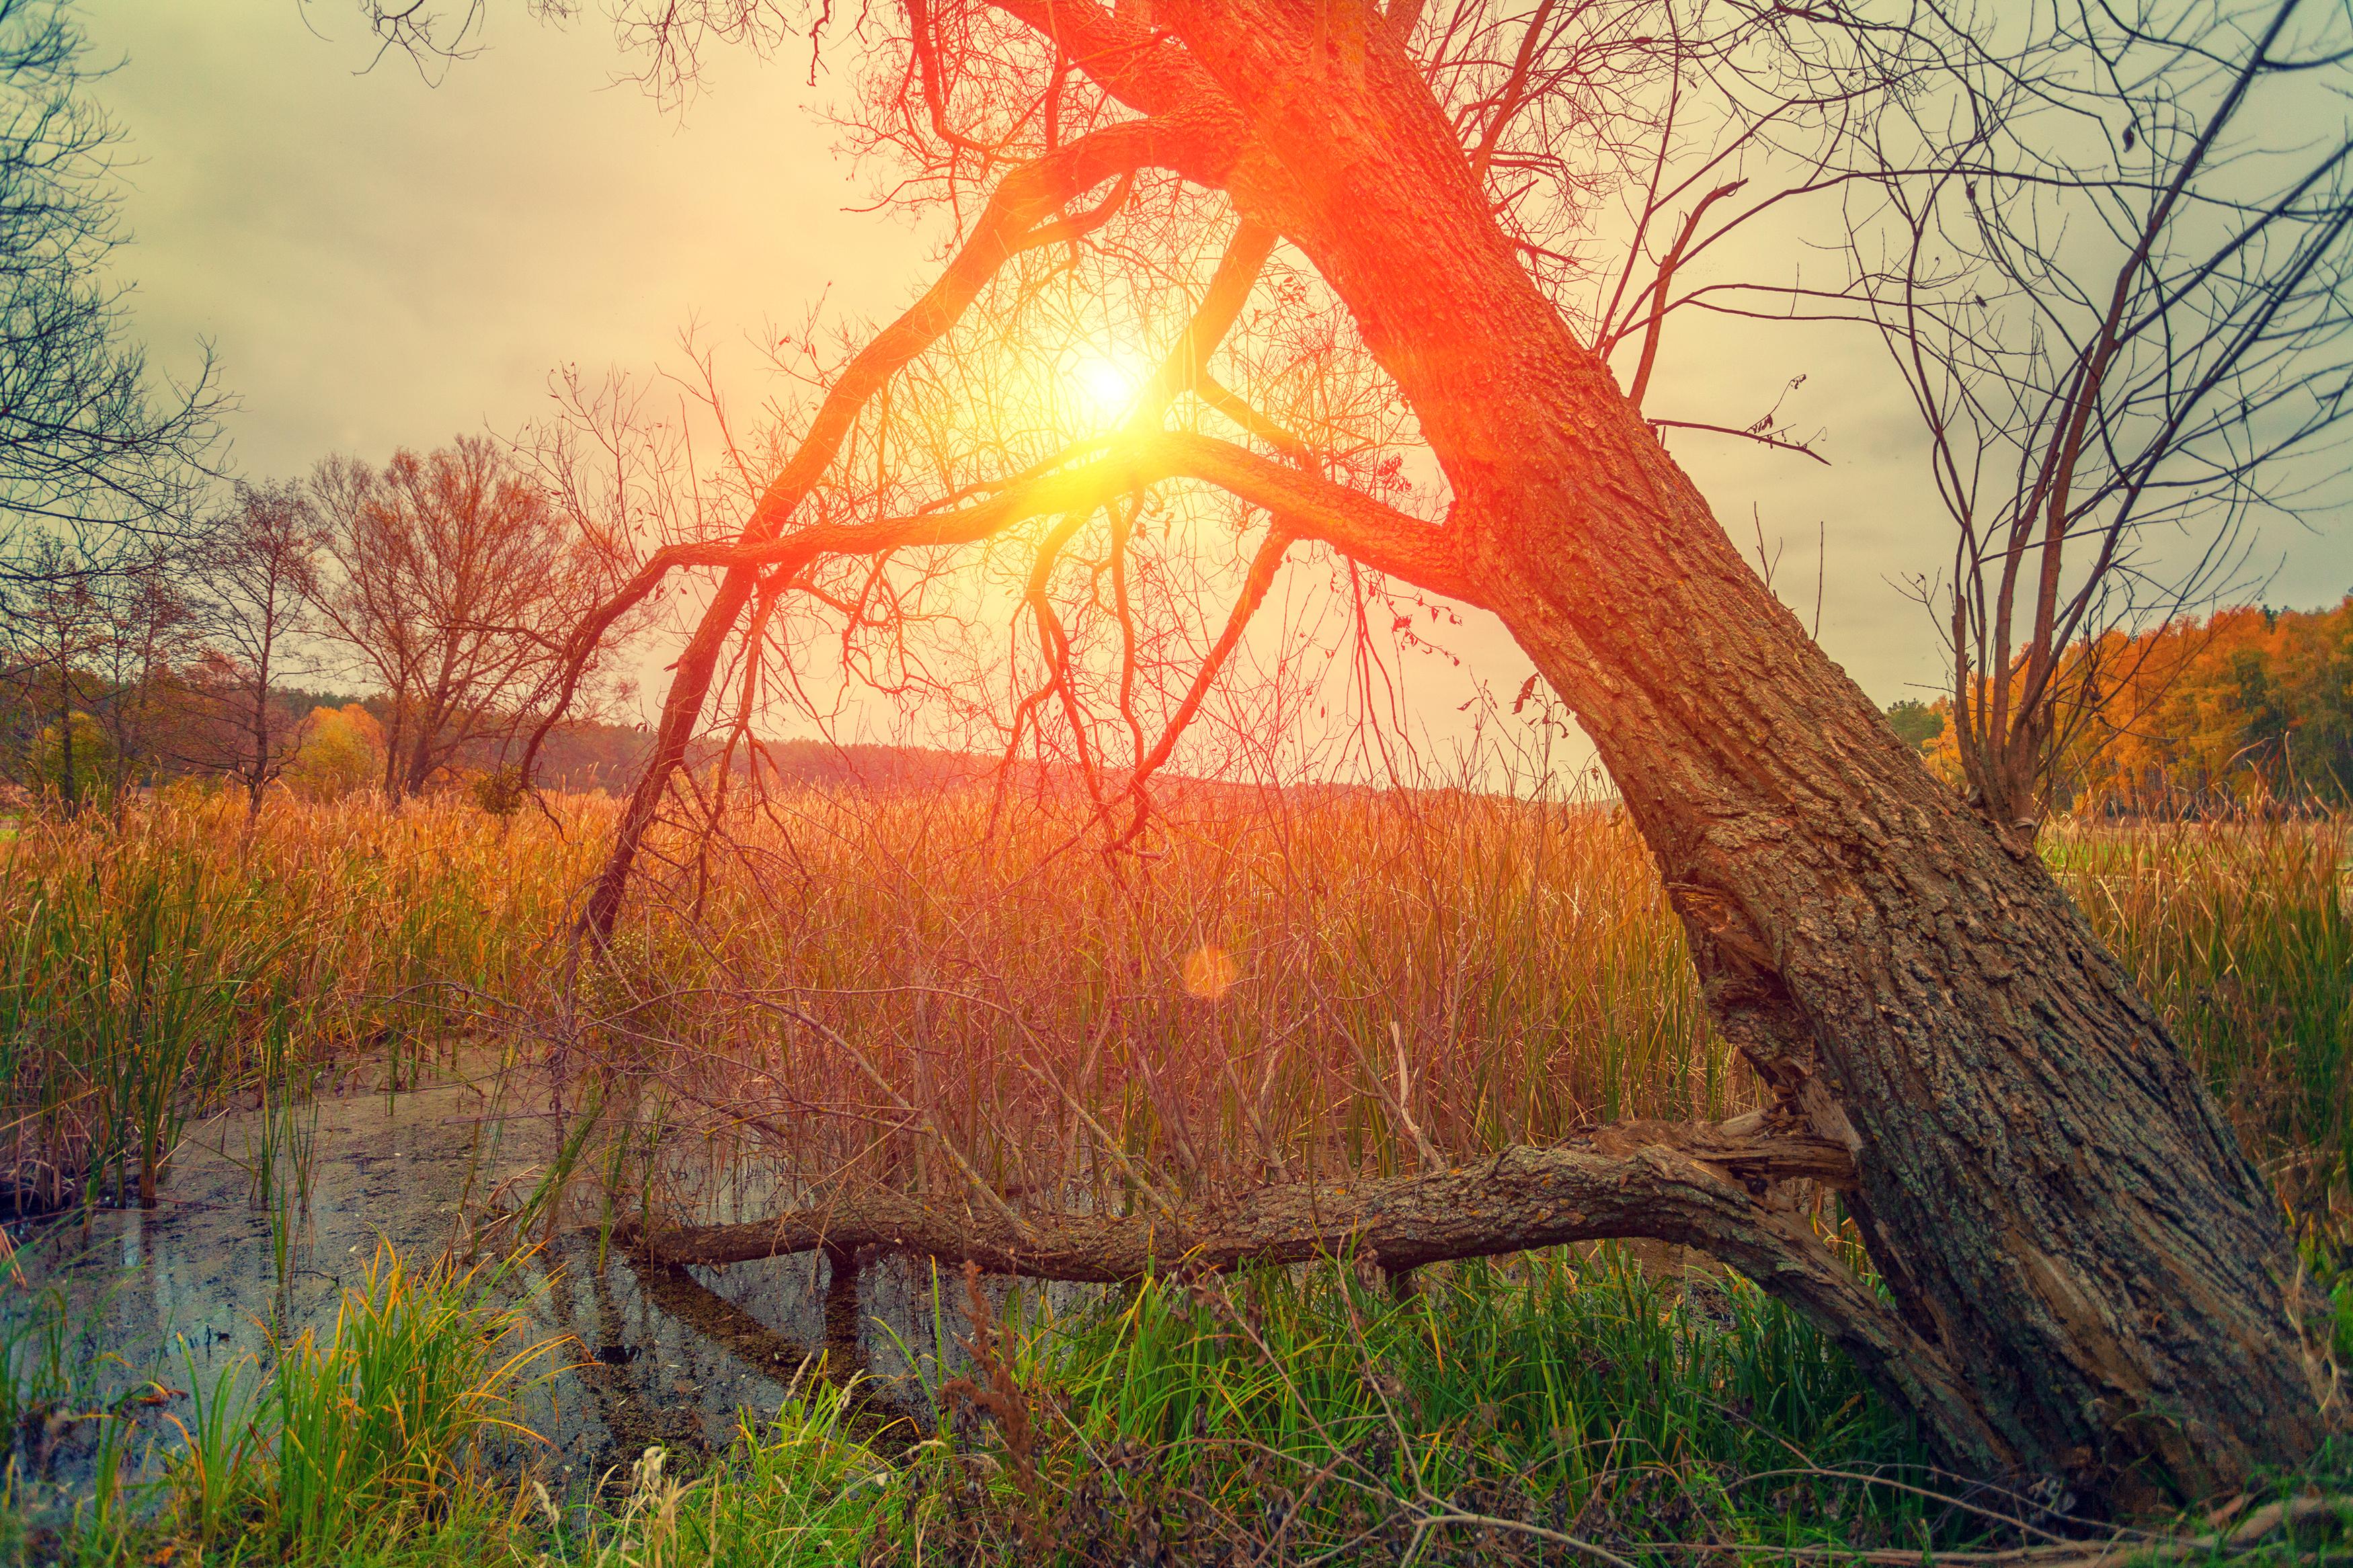 Hintergrundbilder Natur Sonne Sumpf Baumstamm Sonnenaufgänge und Sonnenuntergänge Gras 3500x2333